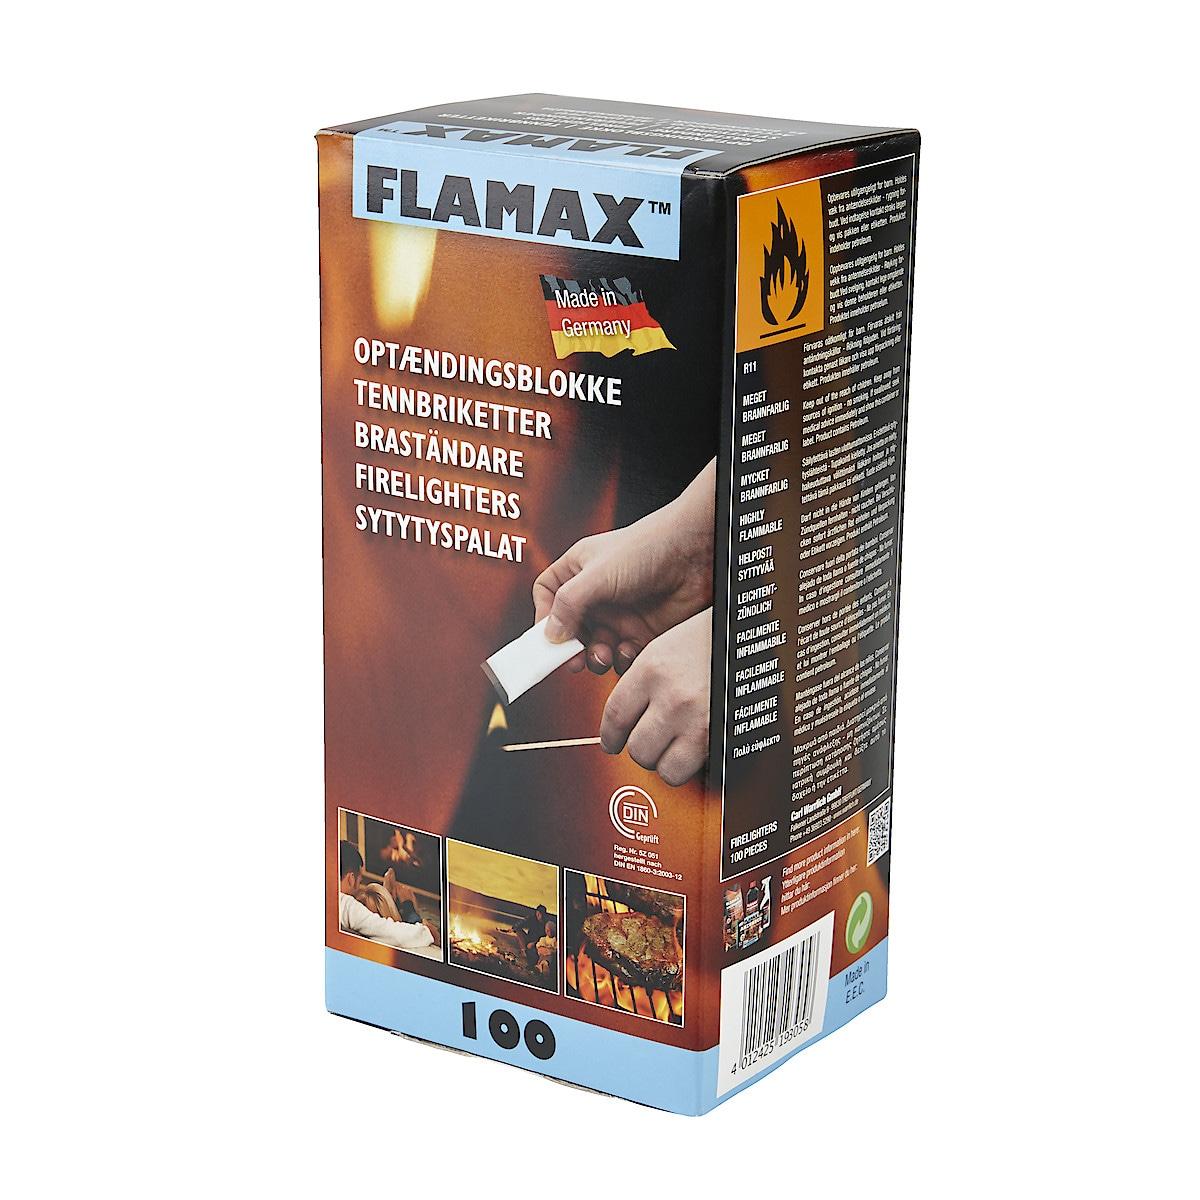 Grill- och braständare Flamax